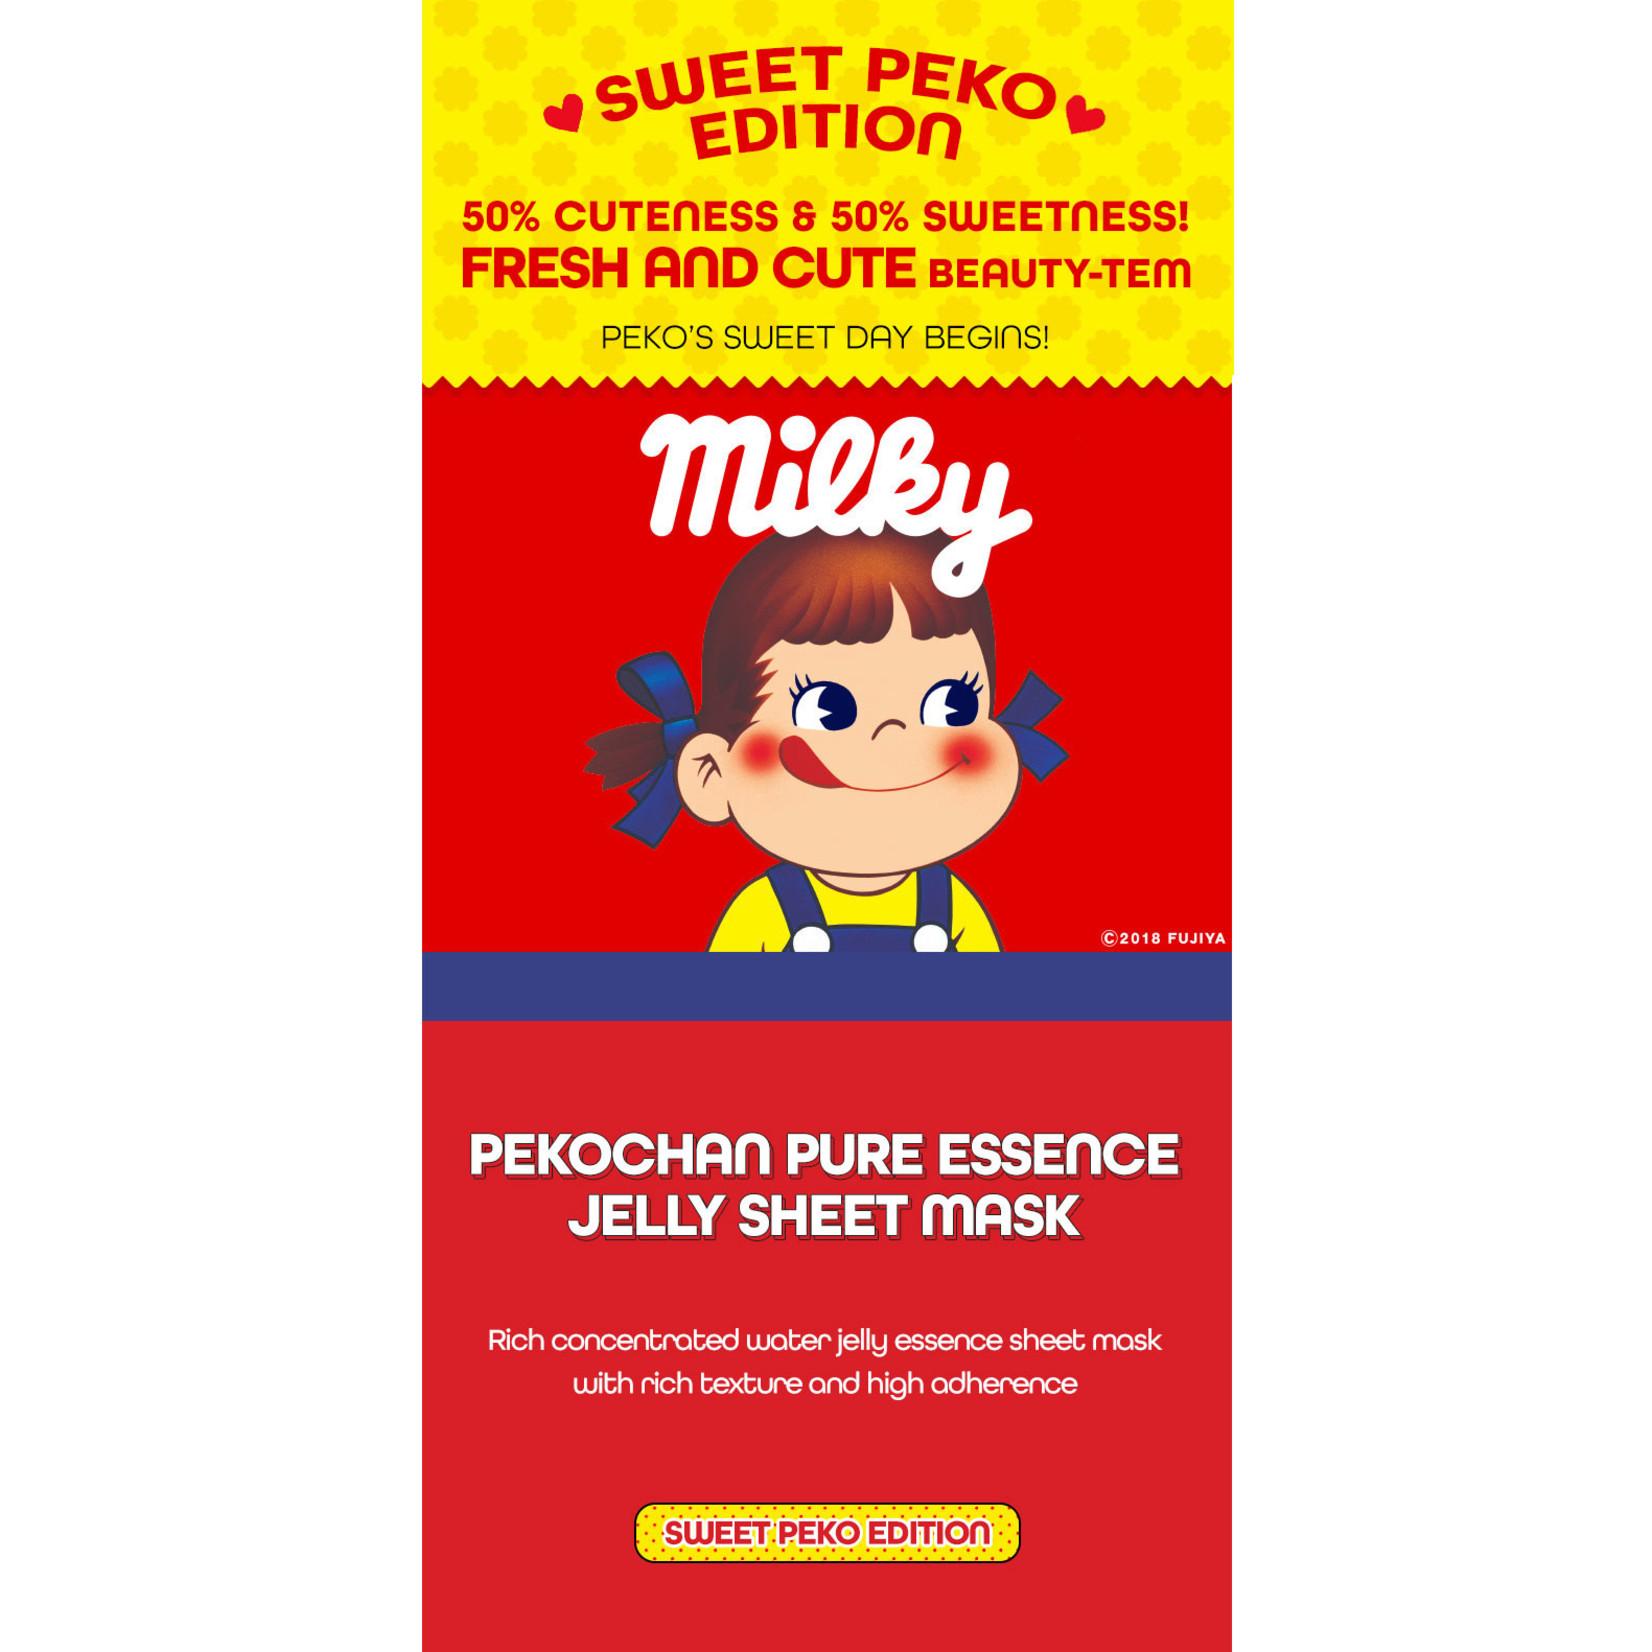 Holika Holika Jelly Mask Sheet Kiwi (Sweet Peko Limited Edition)